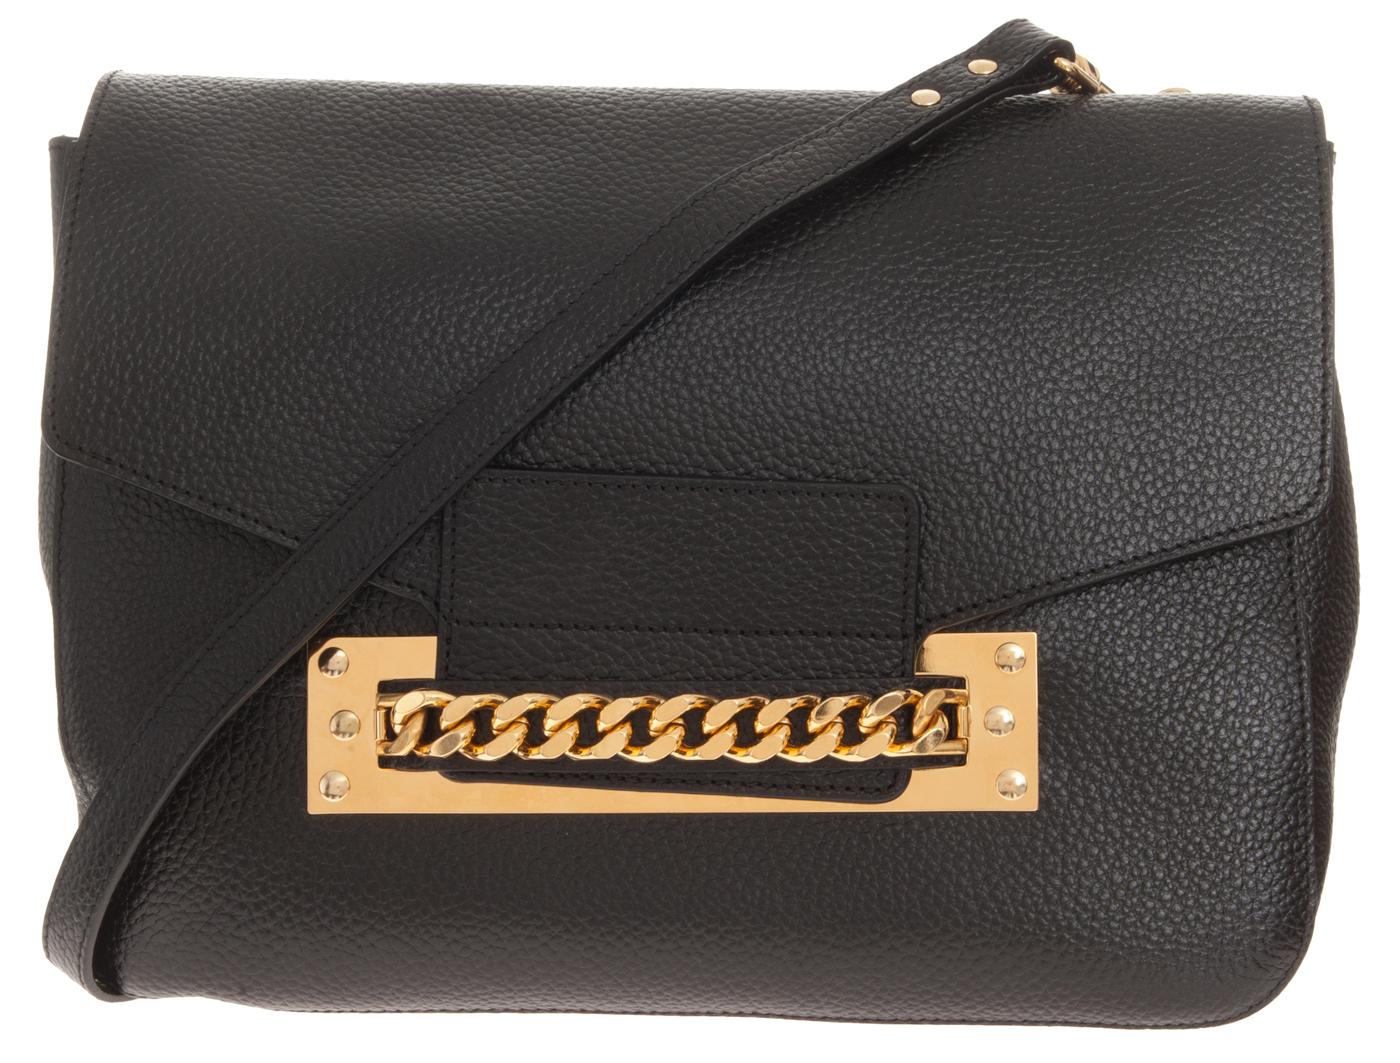 Sophie Hulme Soft Chain Bag Stamp black Leather shoulder bag